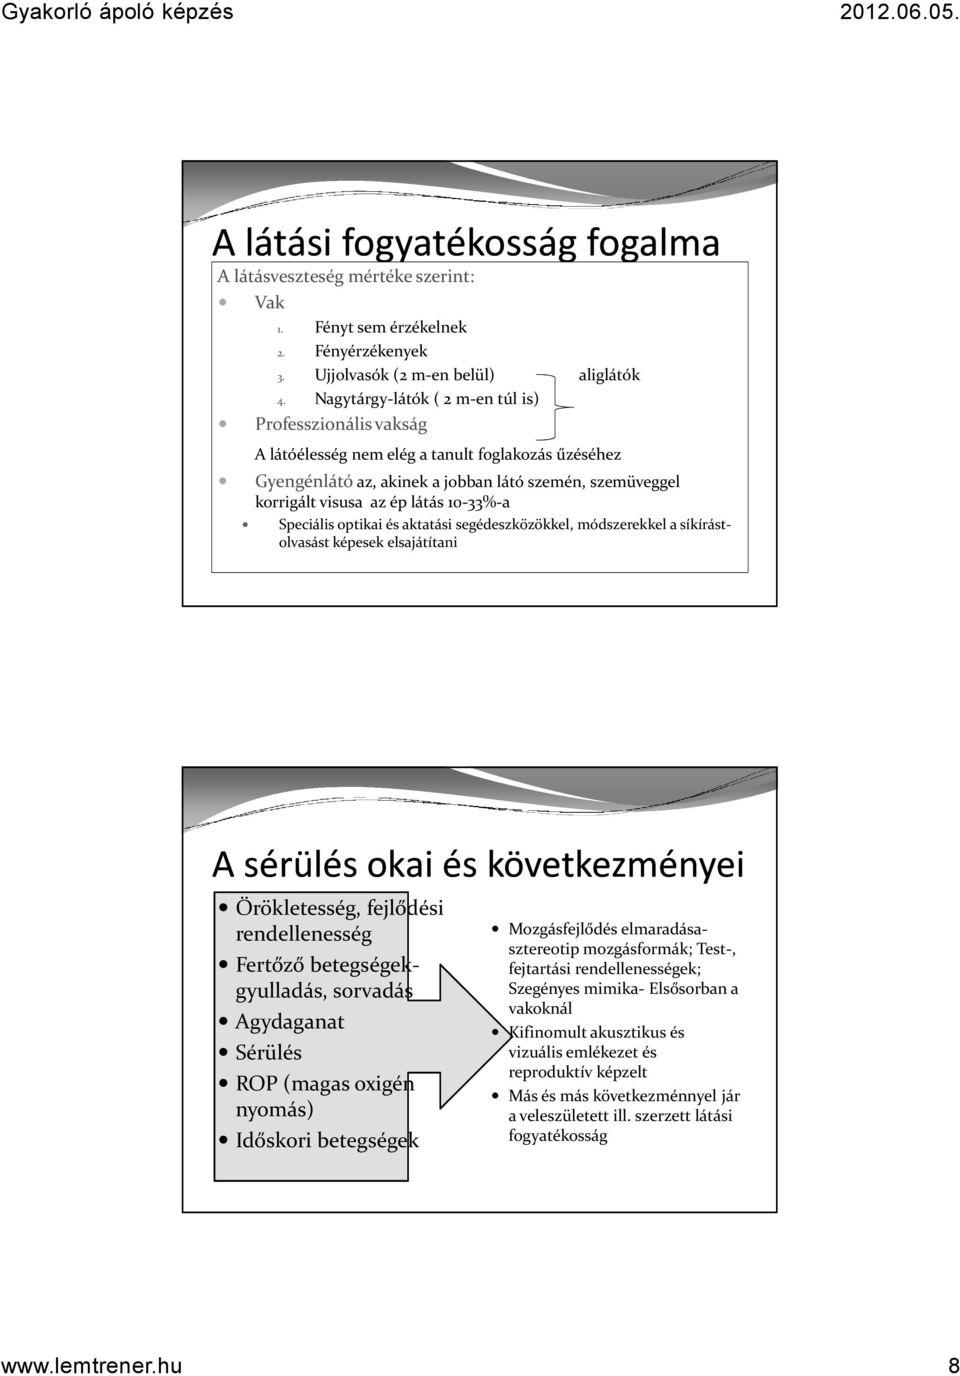 A magas vérnyomás kezelése 2 fok, tünetek és okok - Migrén